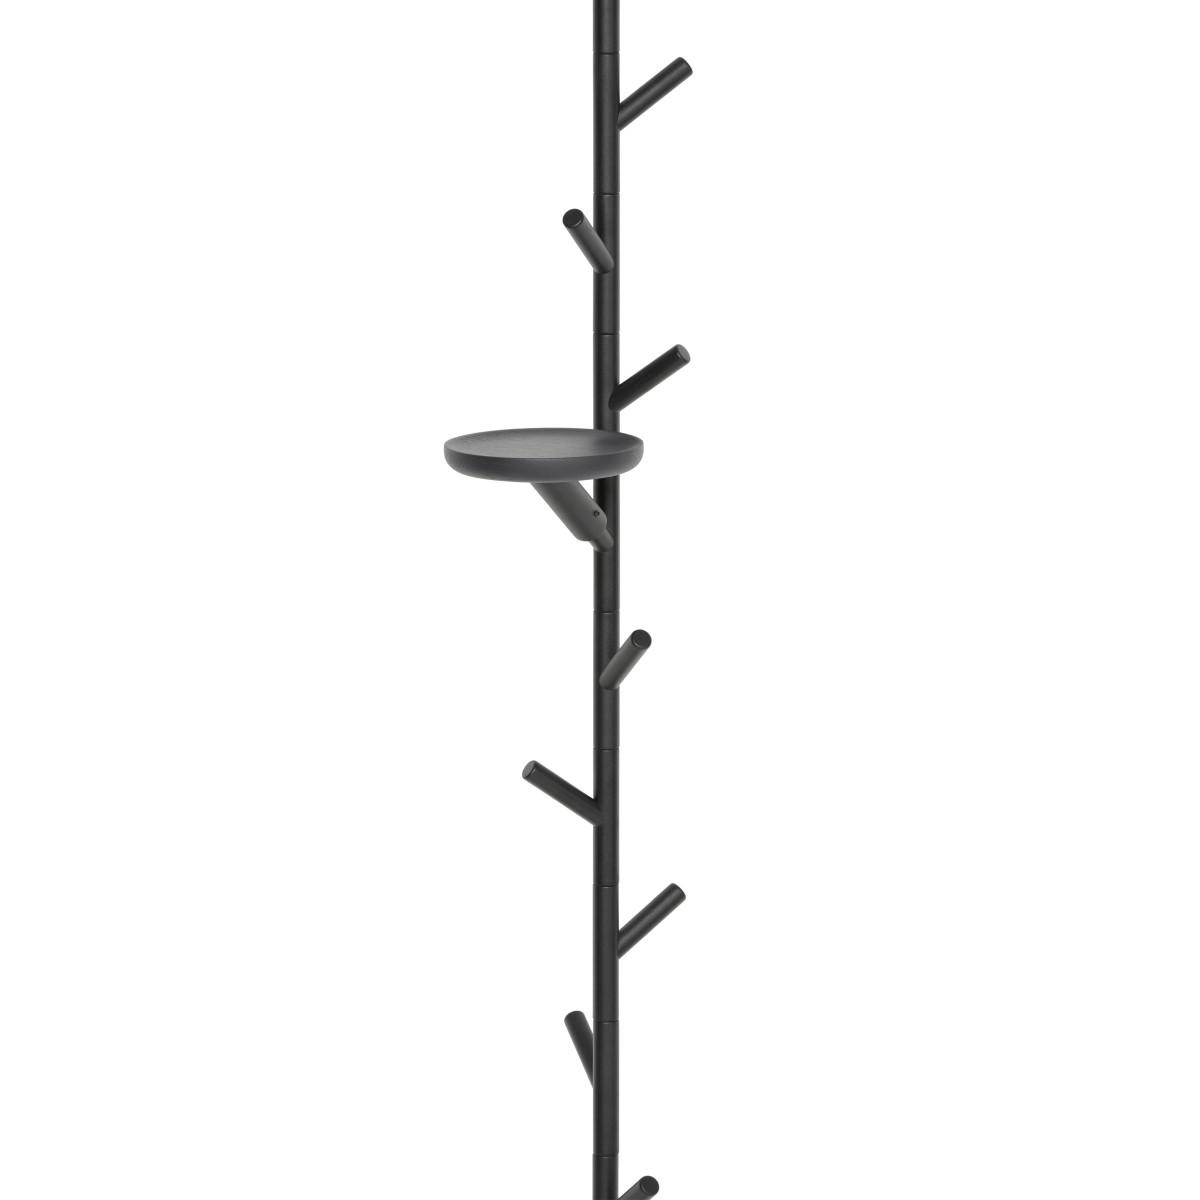 SUMI Spanngarderobe mit Ablage rund schwarz, offenporig lackiert